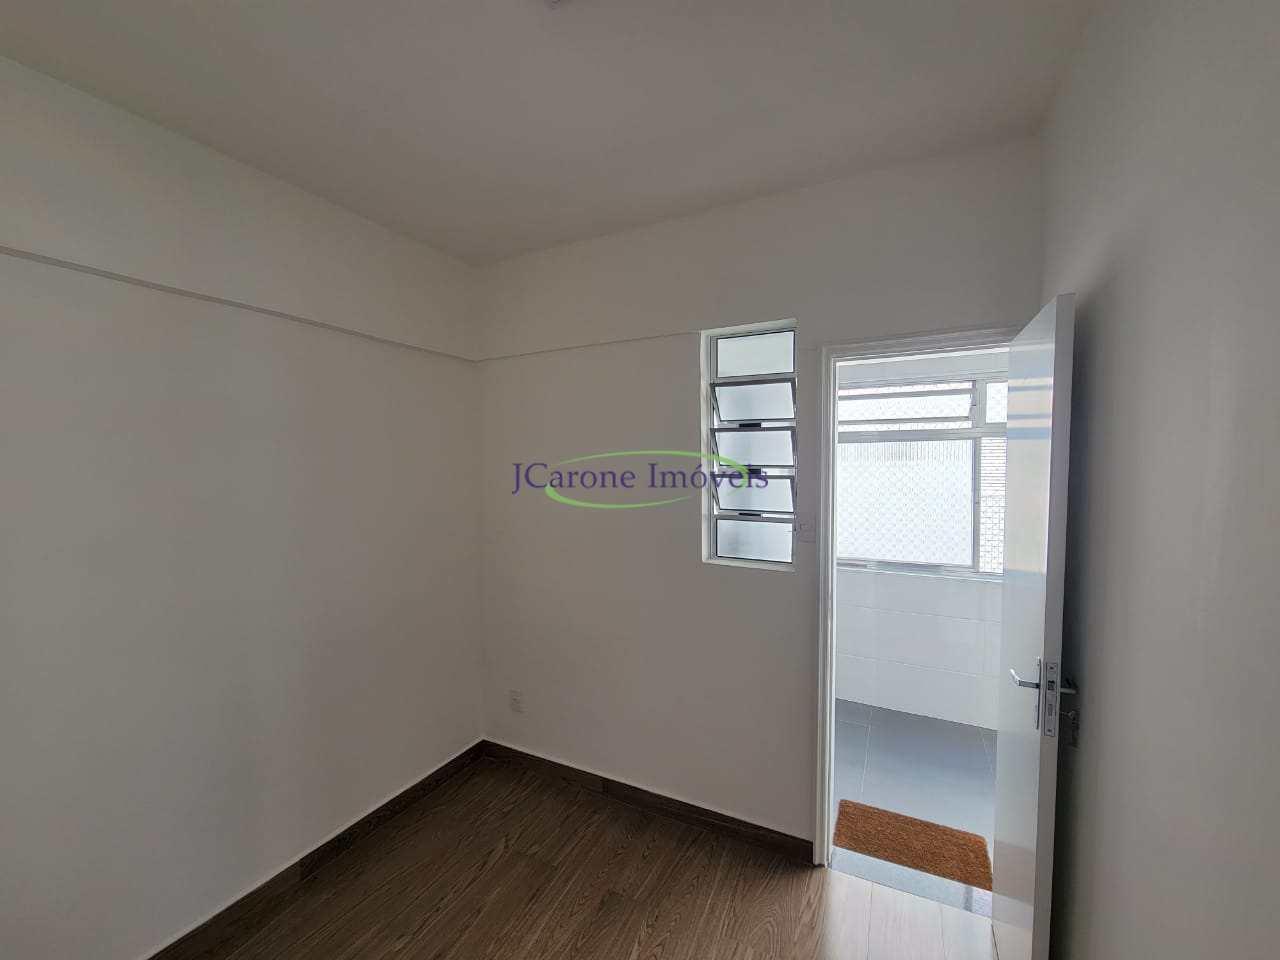 Apartamento com 2 dorms, Aparecida, Santos - R$ 565 mil, Cod: 64152946